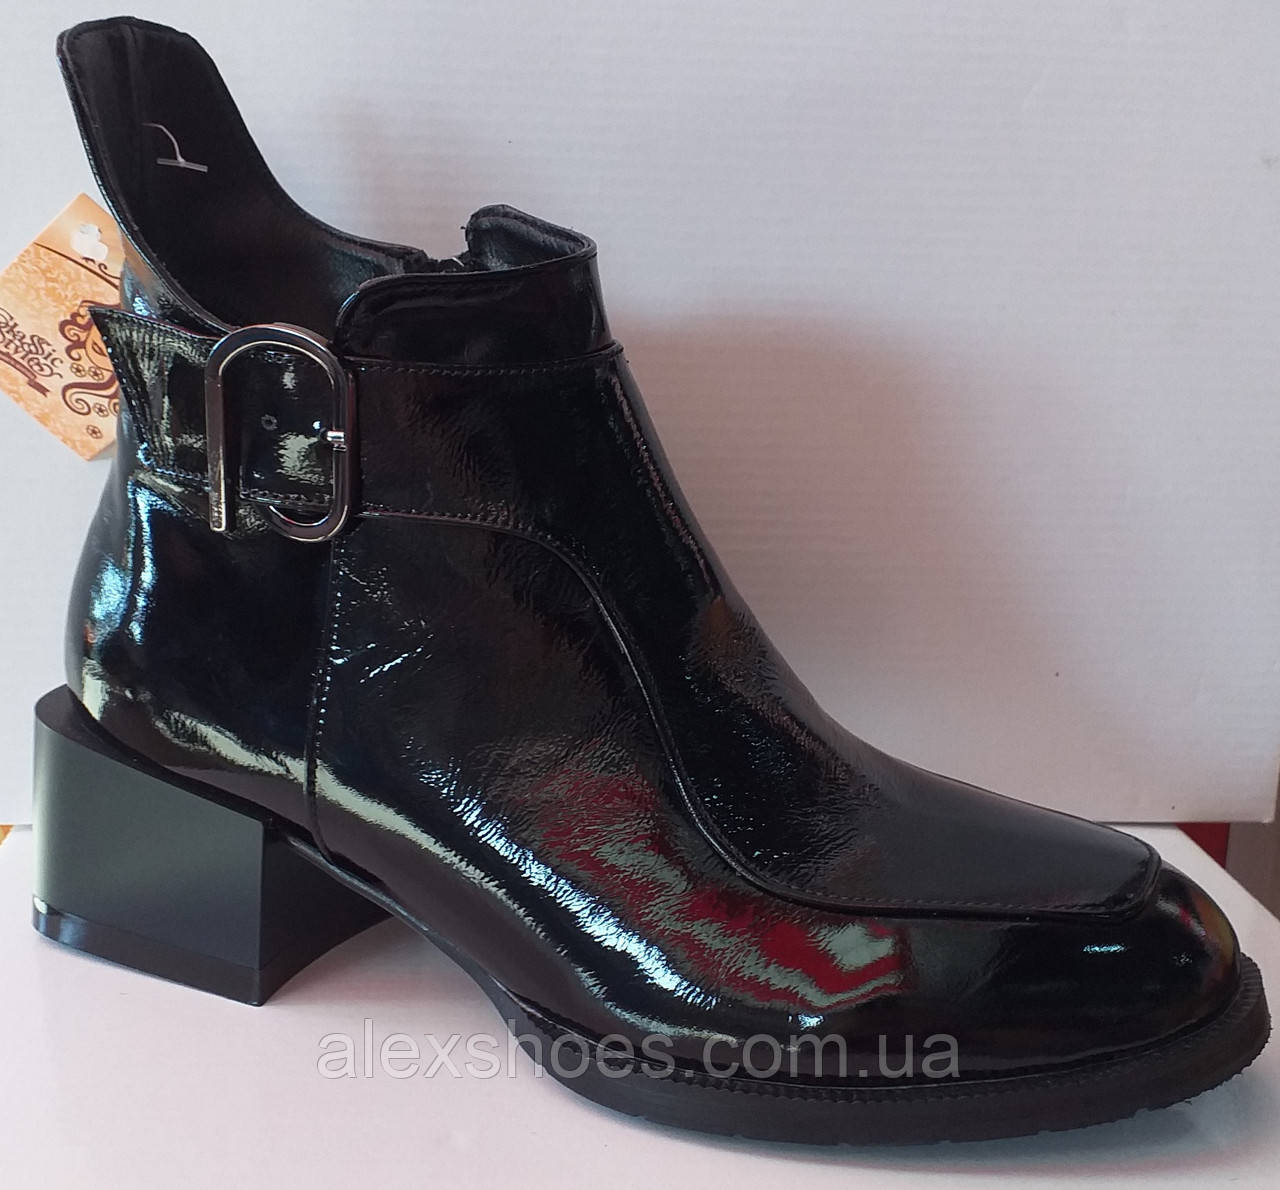 Ботинки молодежные деми из натуральной кожи от производителя модель КС2141